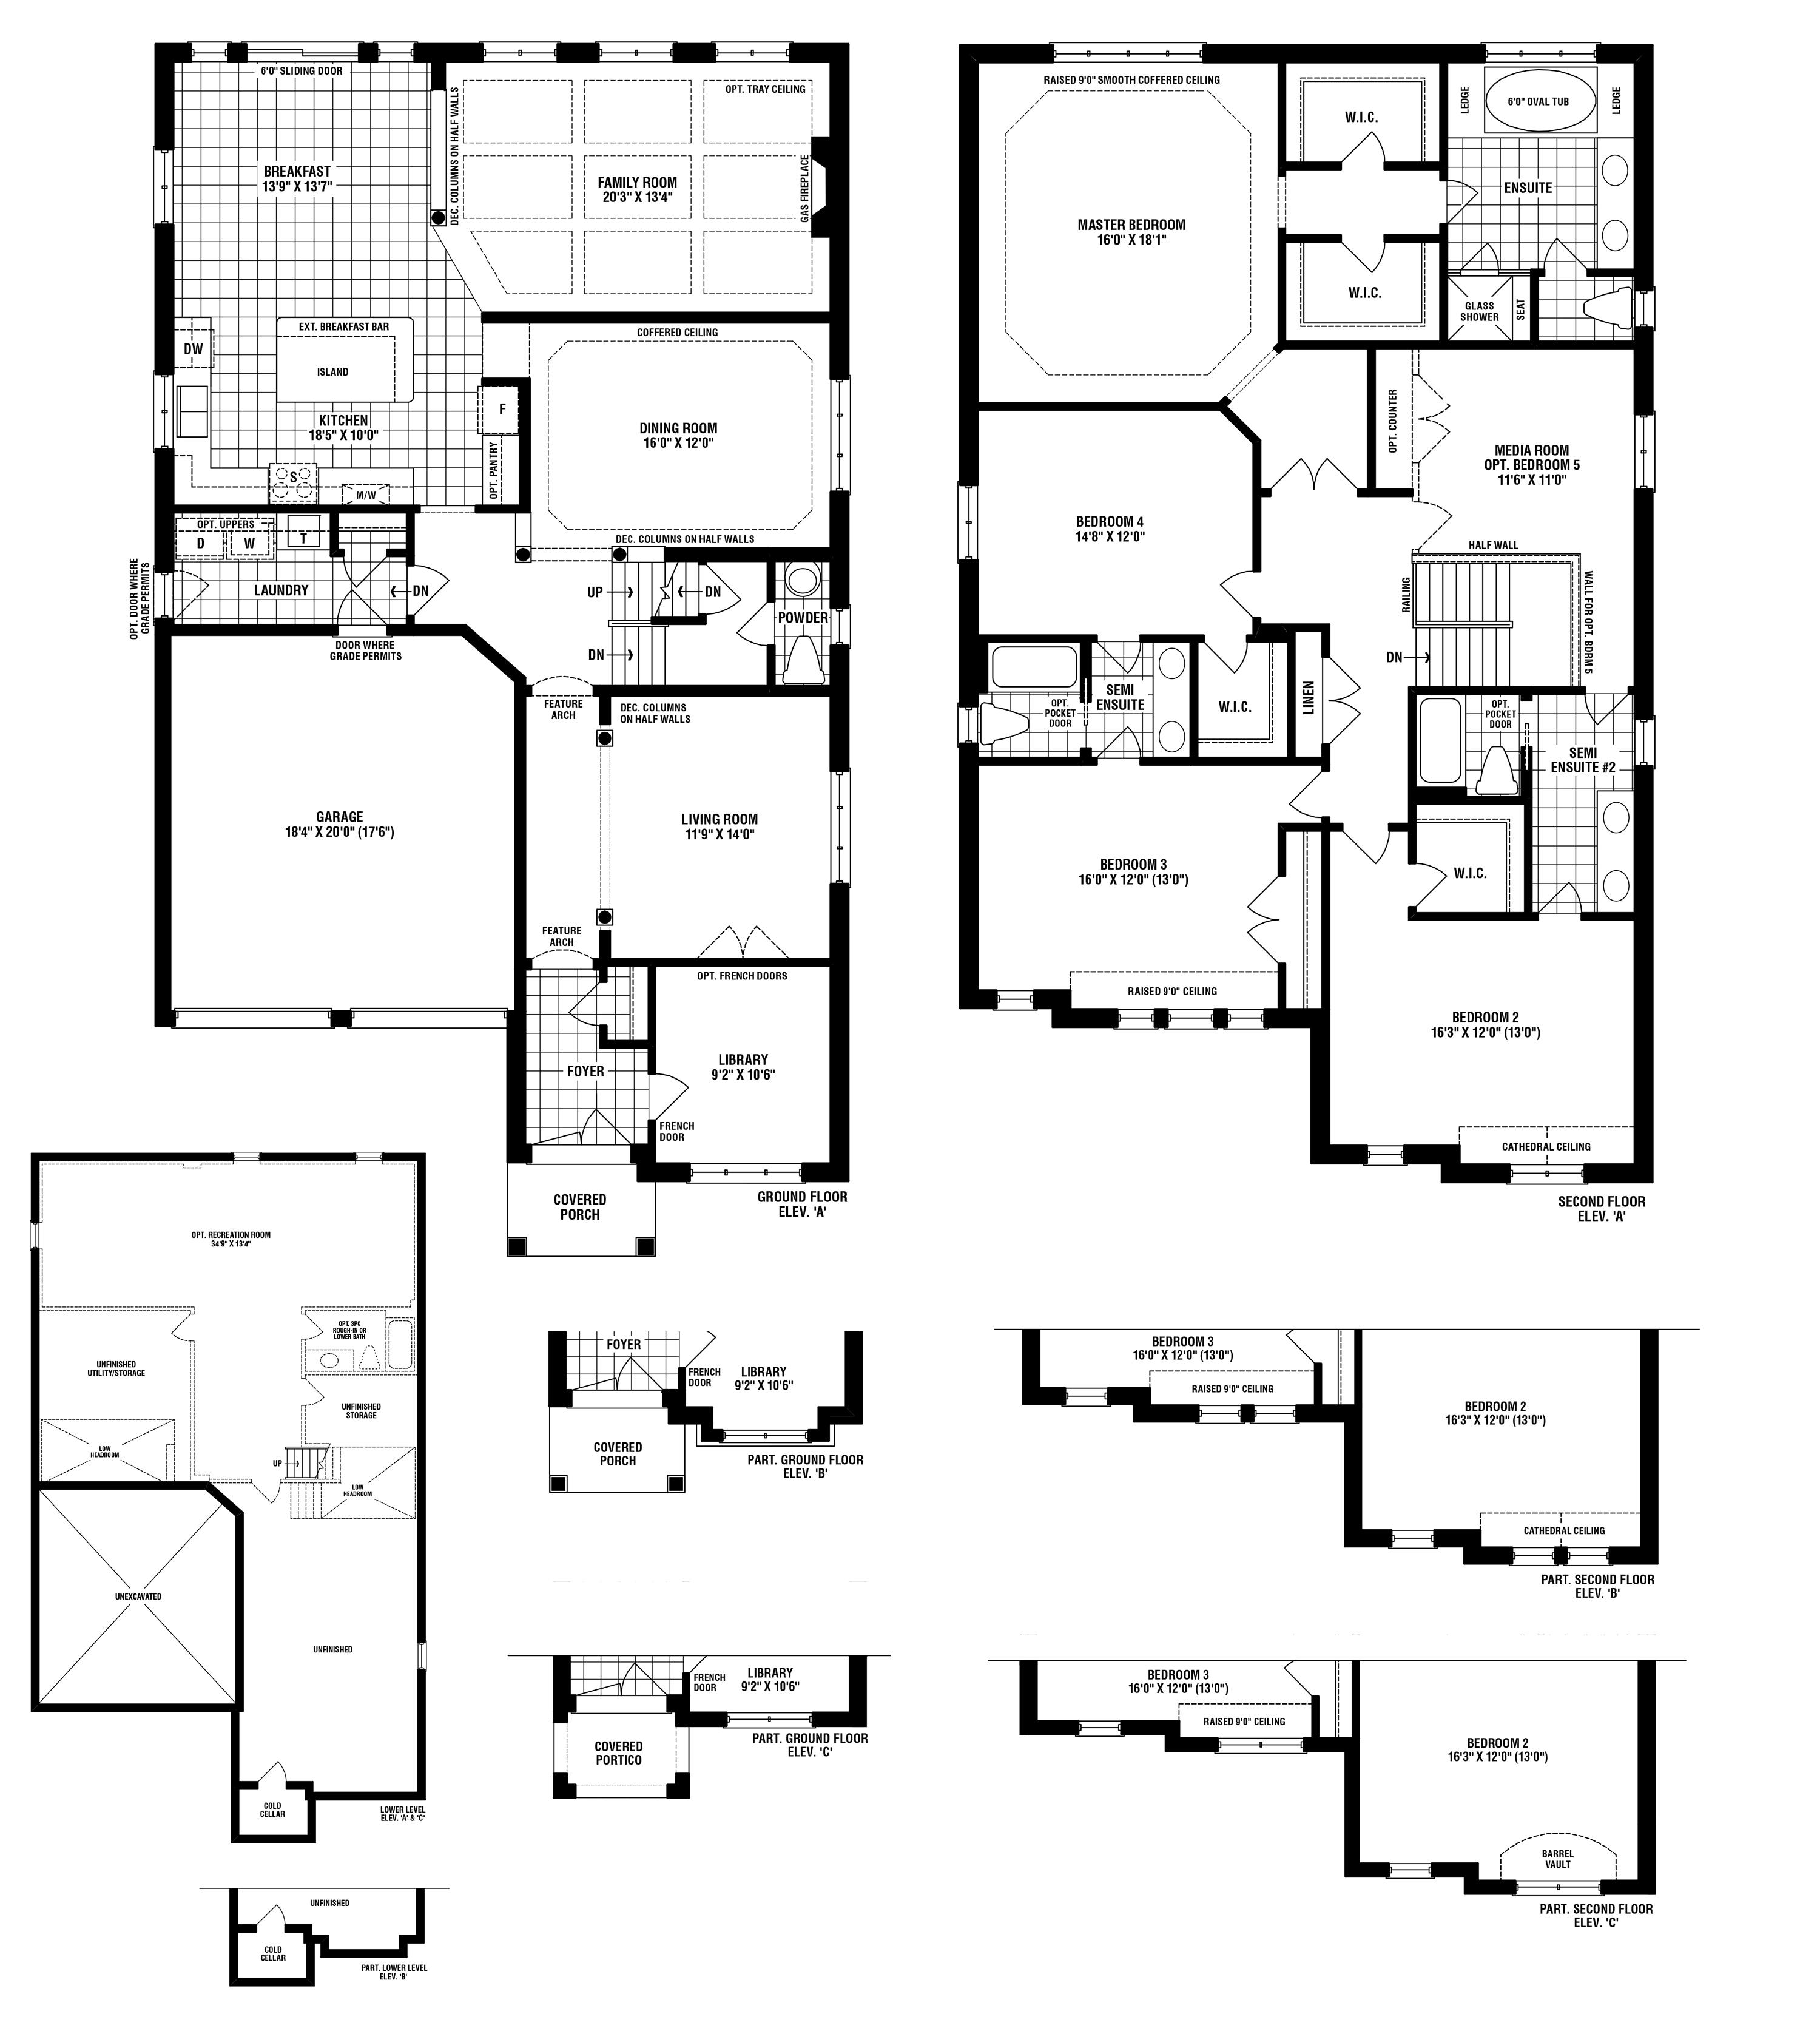 Valleycreek Floorplan